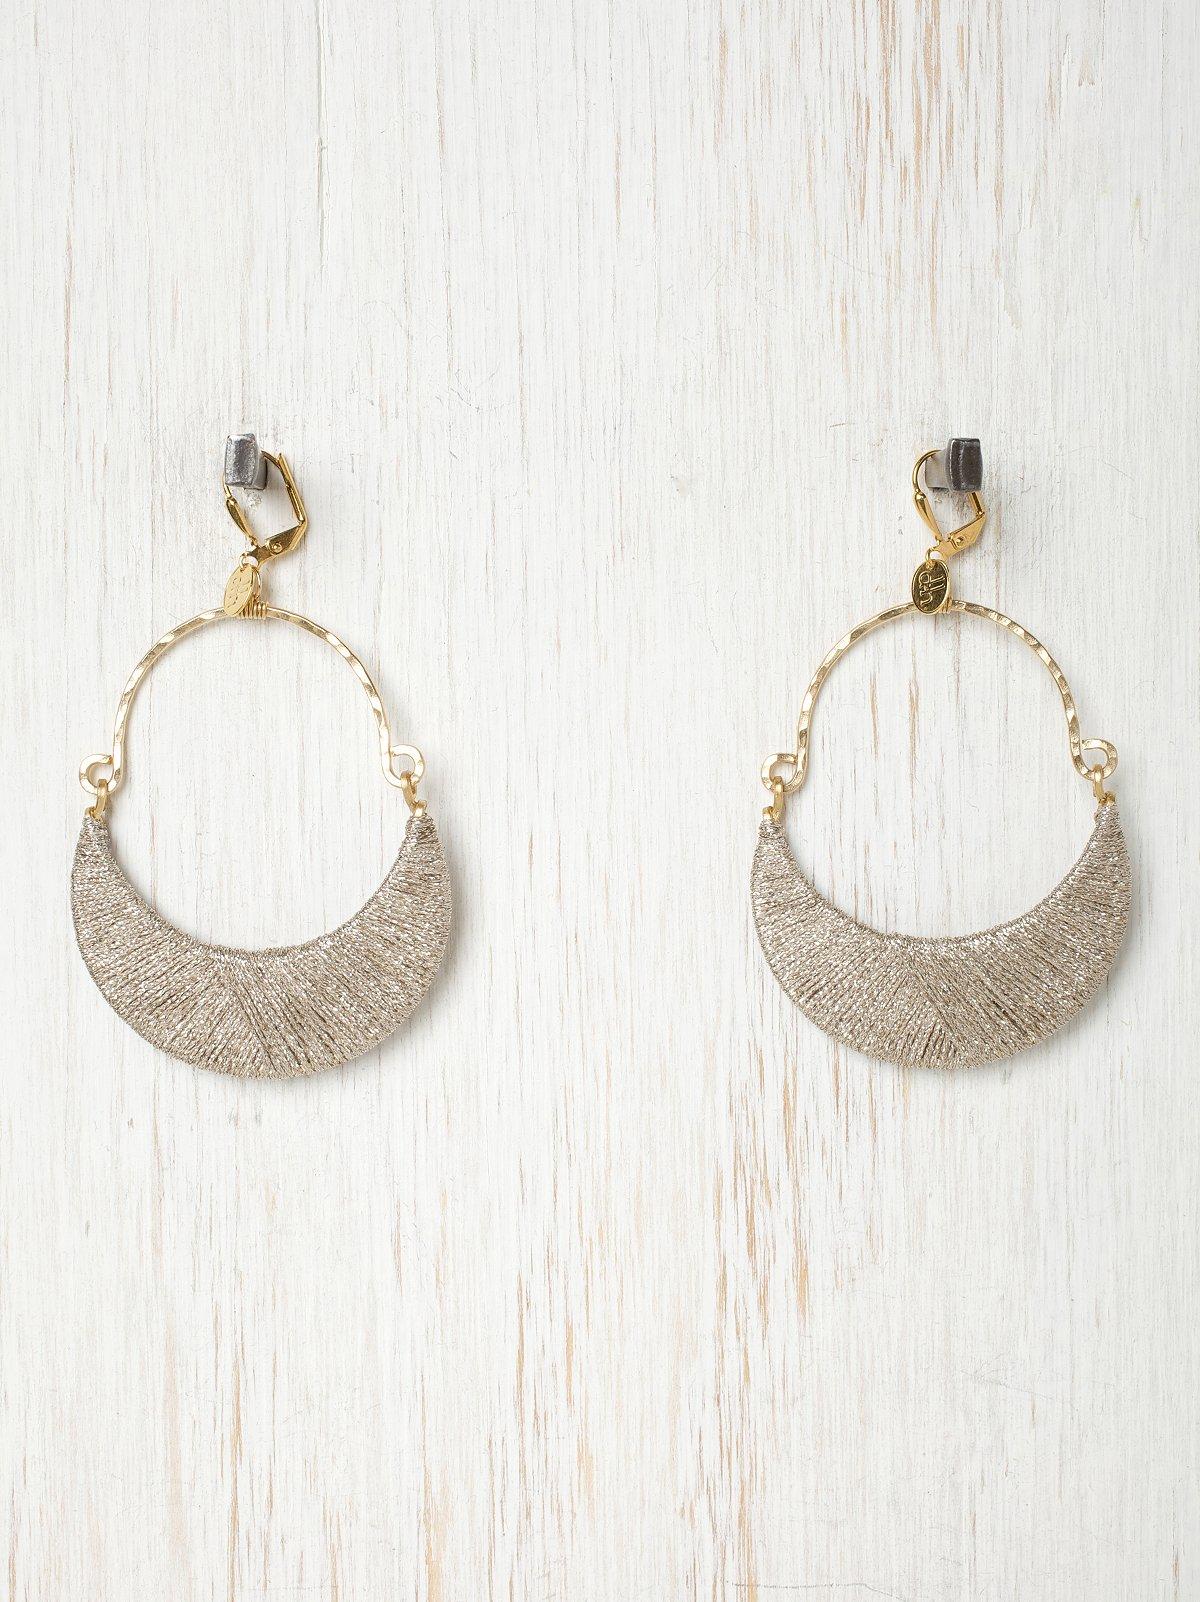 Metallic Thread Wrapped Hoop Earrings